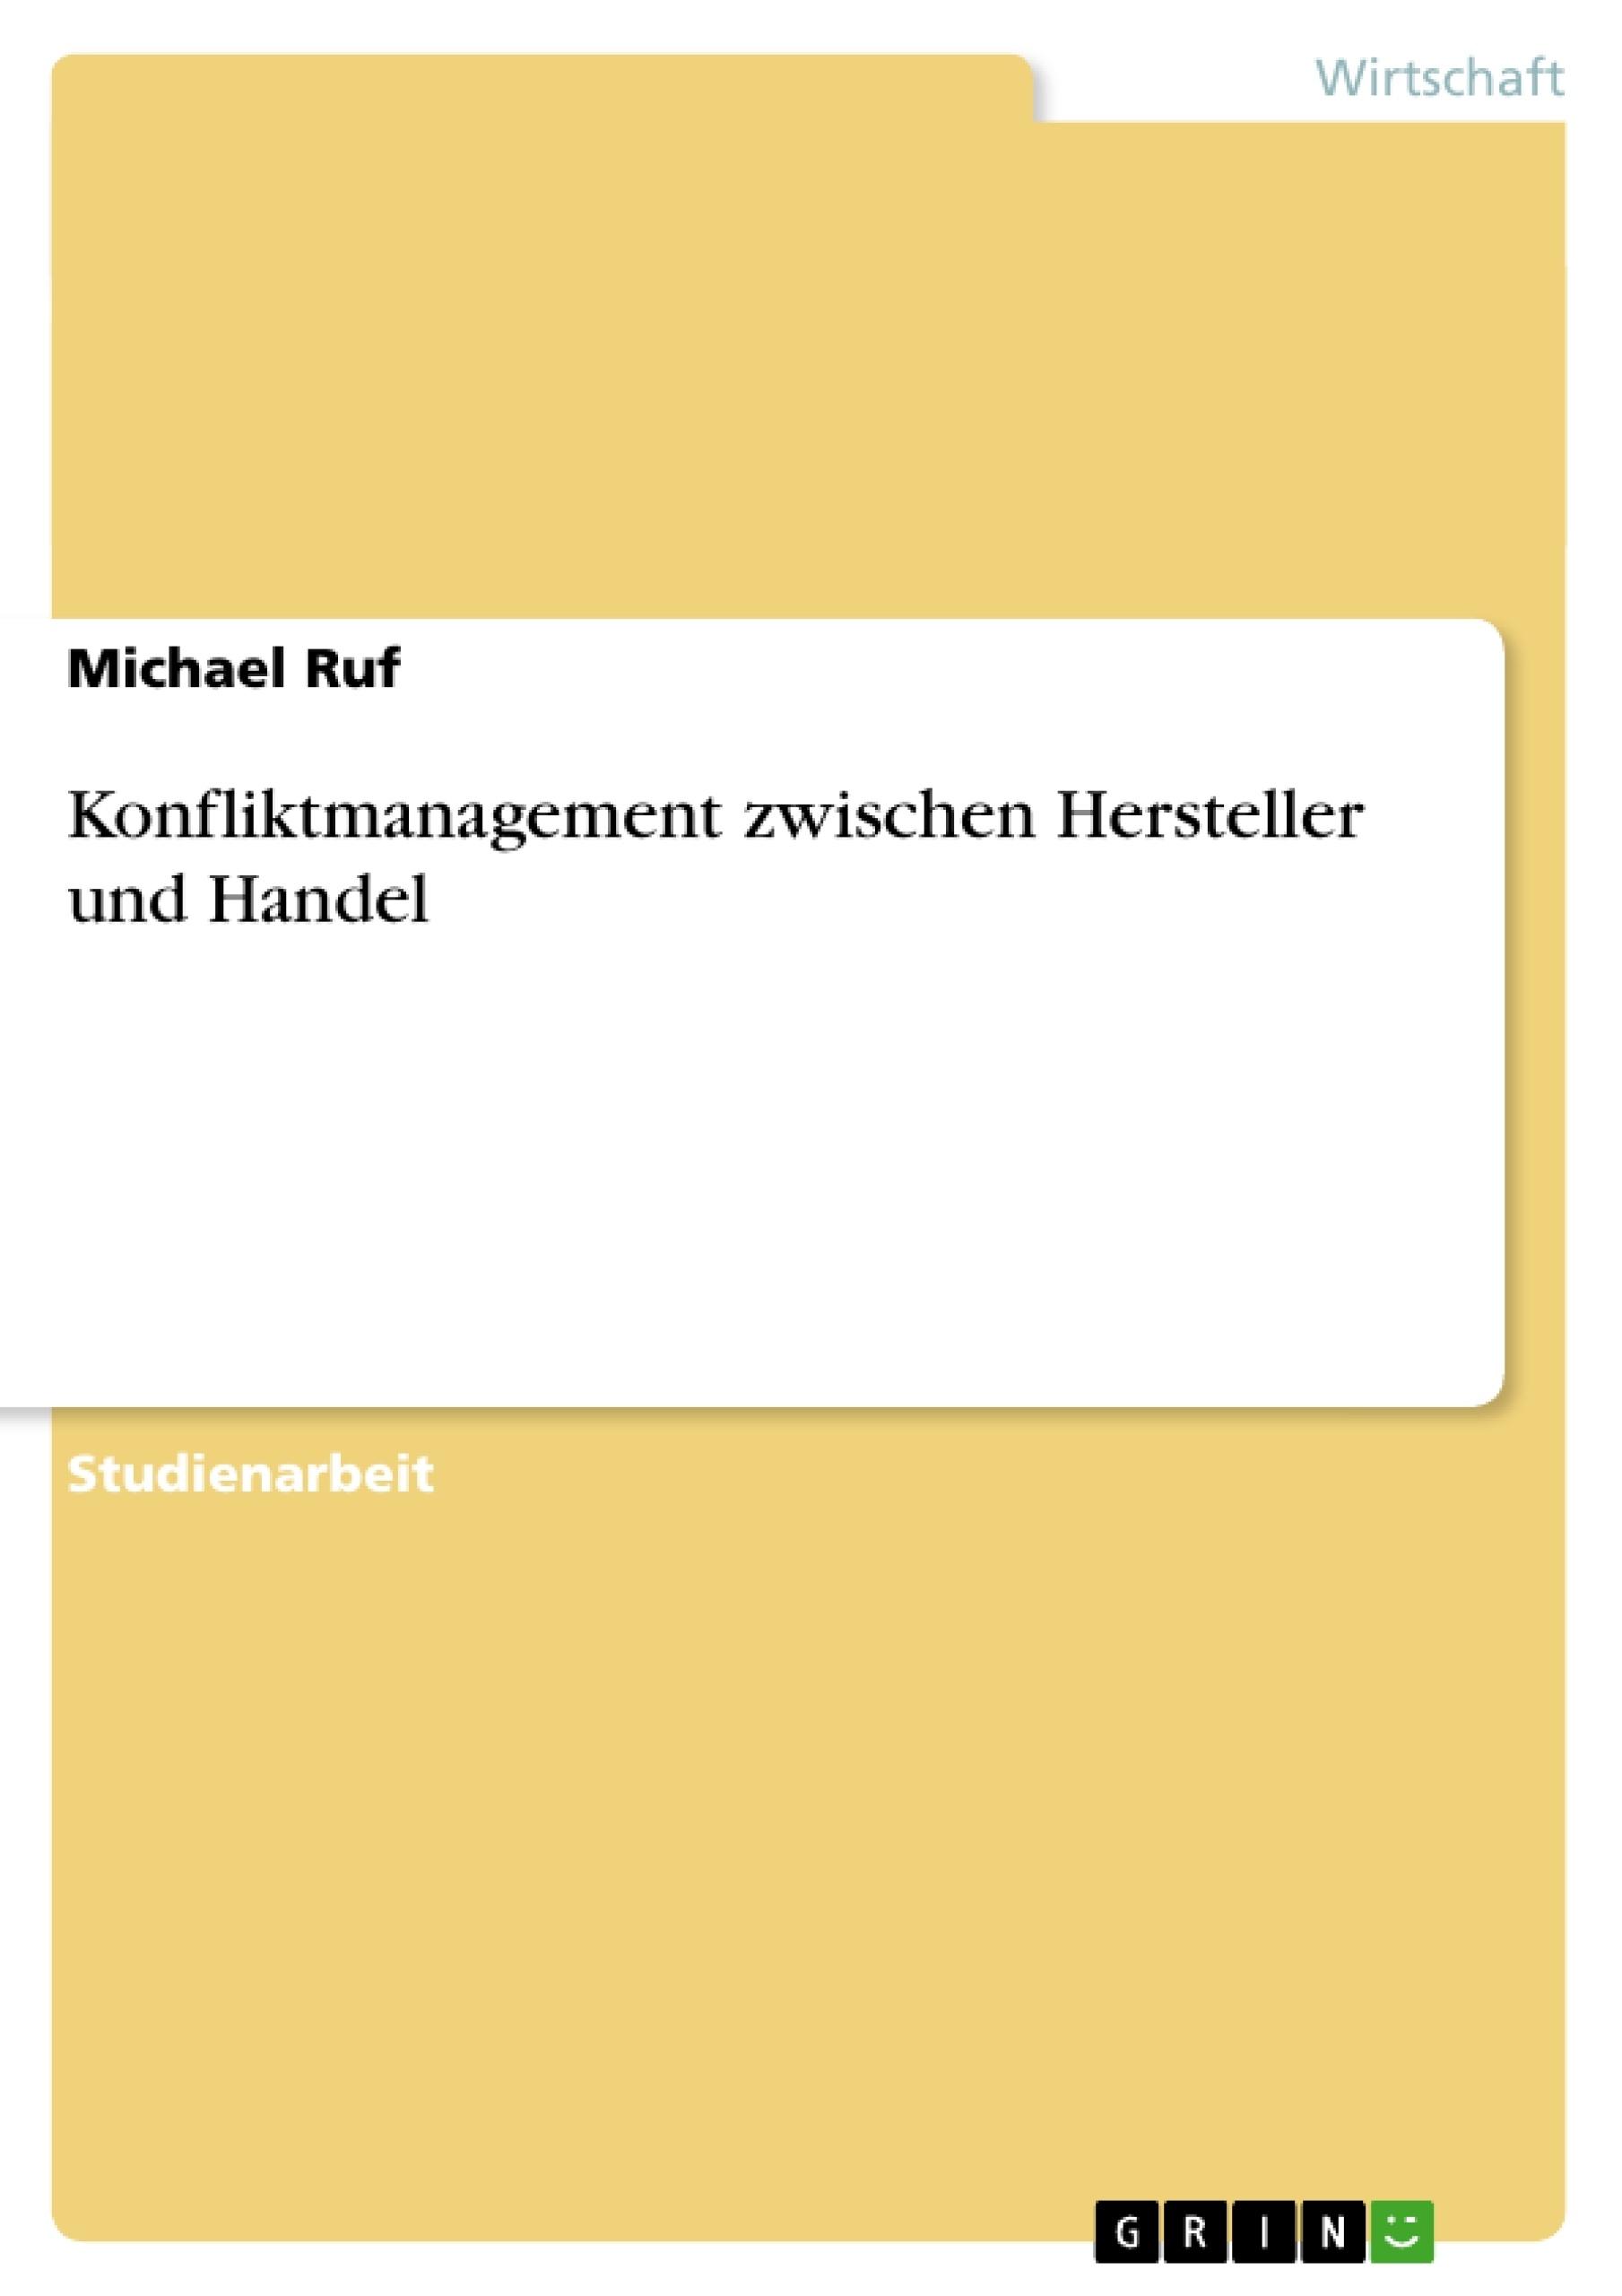 Titel: Konfliktmanagement zwischen Hersteller und Handel